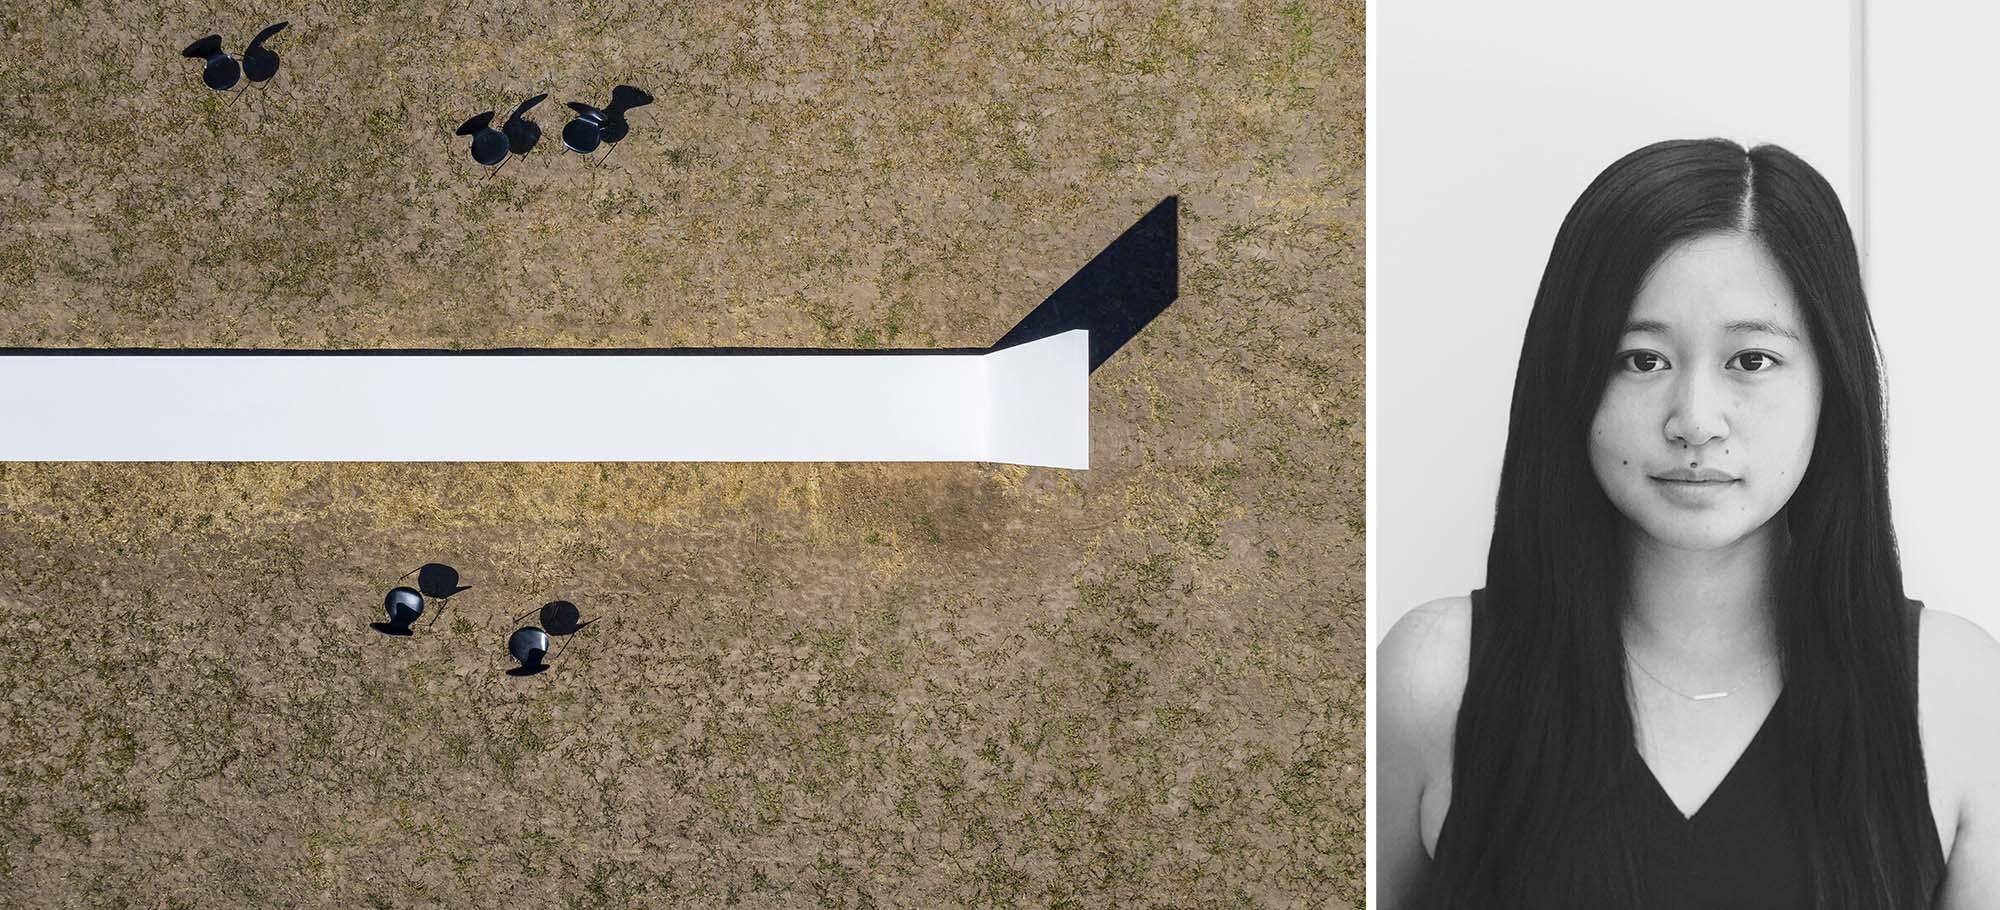 Trái: The Line, Lockeford, CA, Người chiến thắng trong Giải thưởng A + 2020 ở hạng mục Pop Up & Temporary; Phải: Julia Lewis qua REGroup.